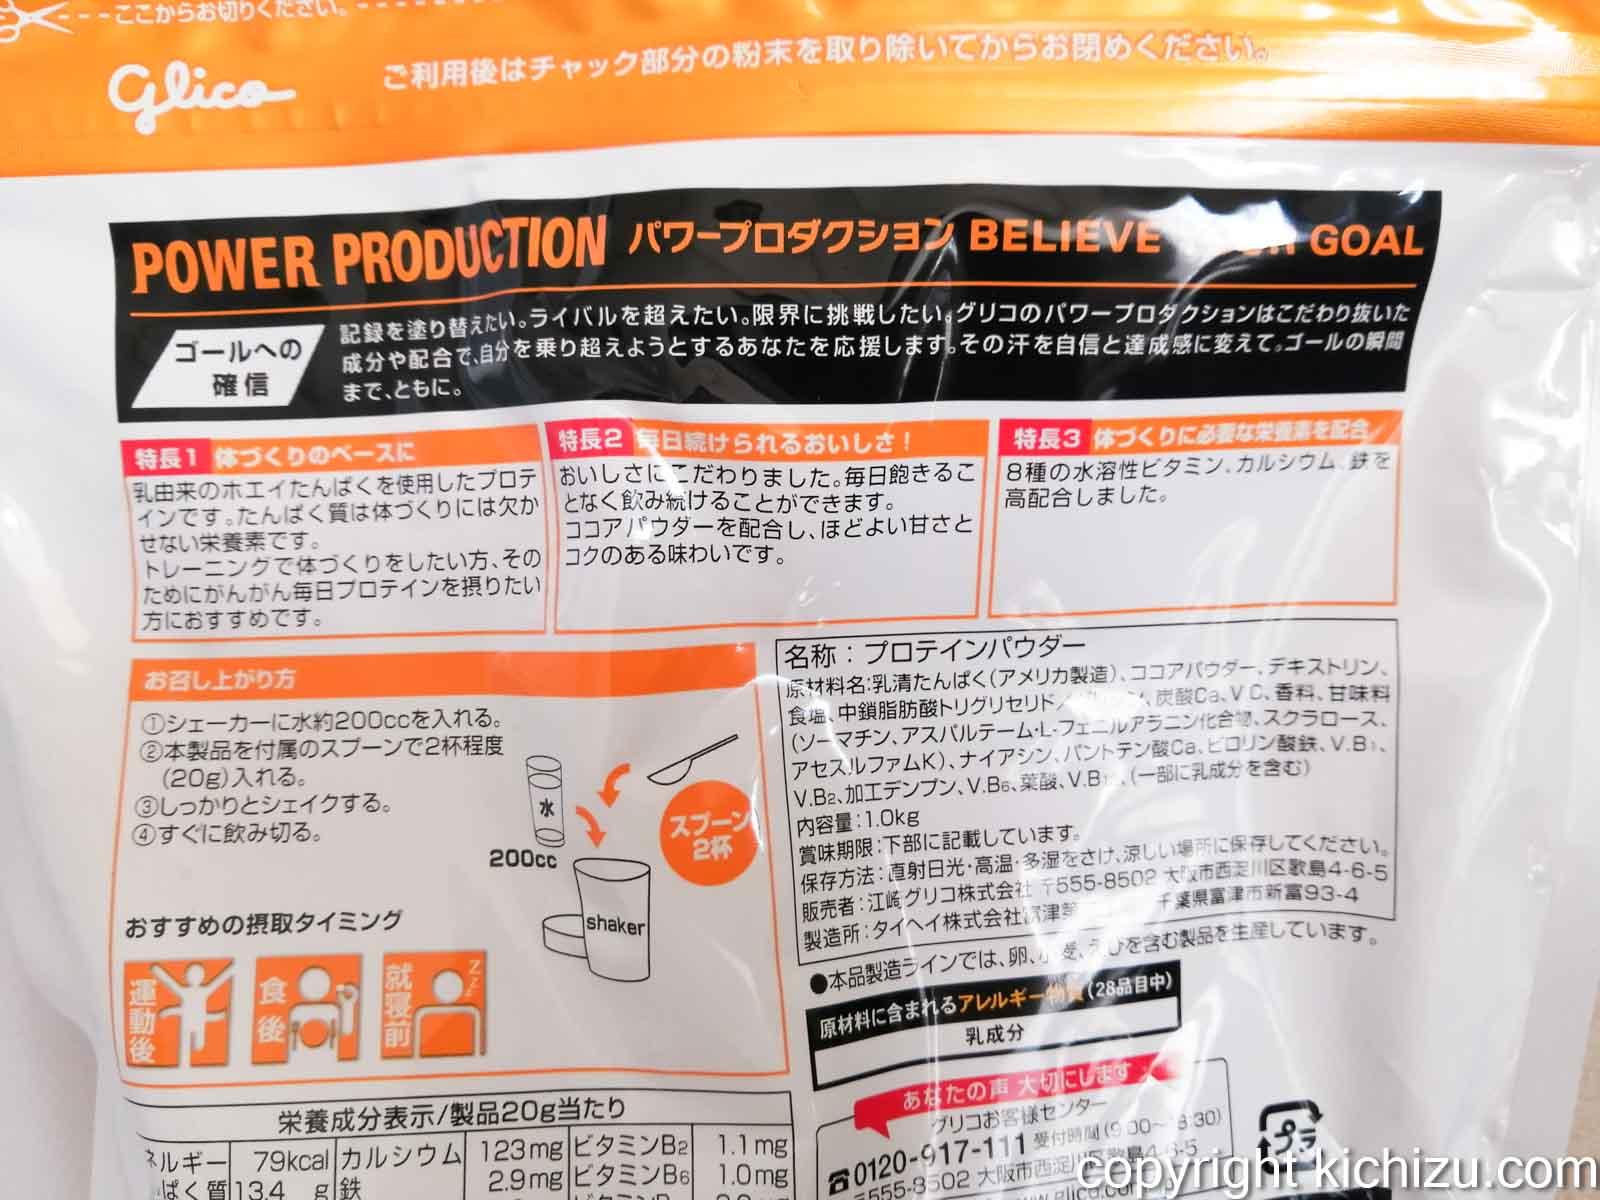 グリコ パワープロダクション マックスロード ホエイ プロテイン チョコレート味 1.0kgのパッケージ裏の上